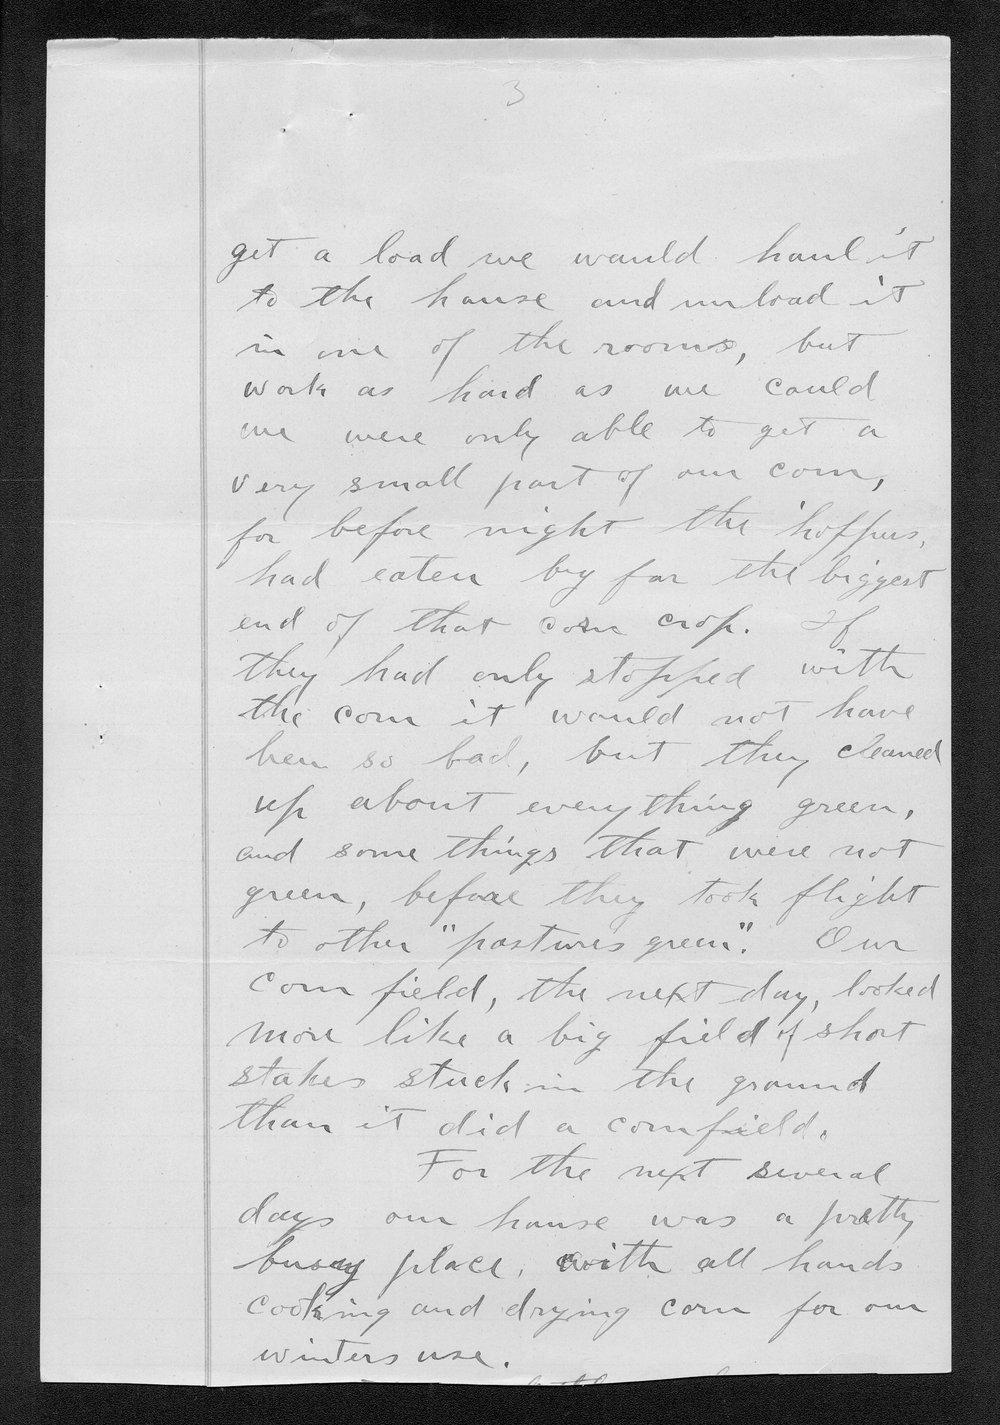 J.W. Honey to George W. Martin - 3